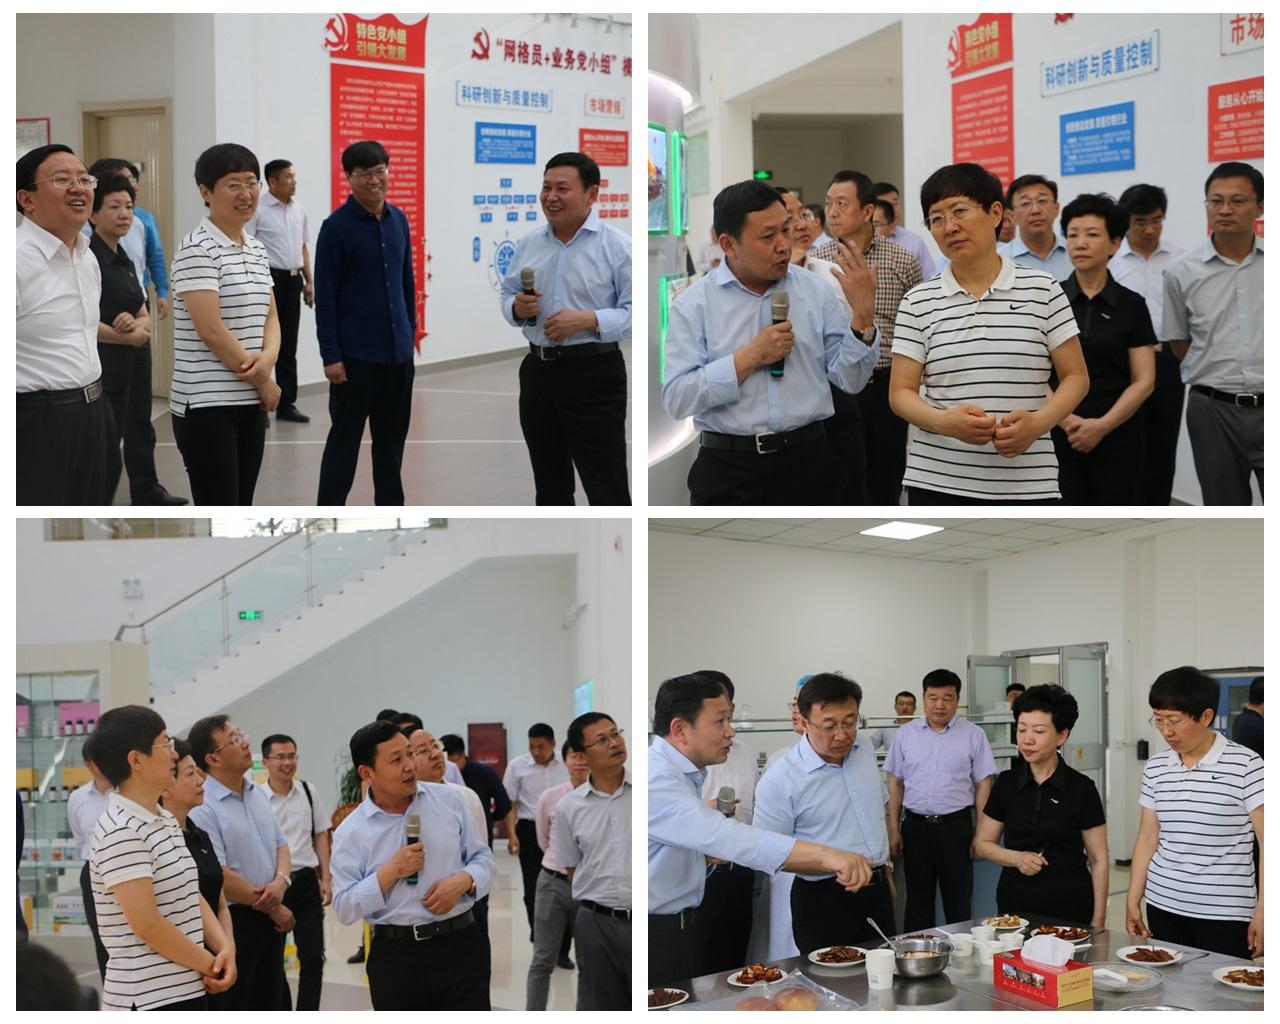 山东省副省长、省工商联主席王随莲一行赴集团调研